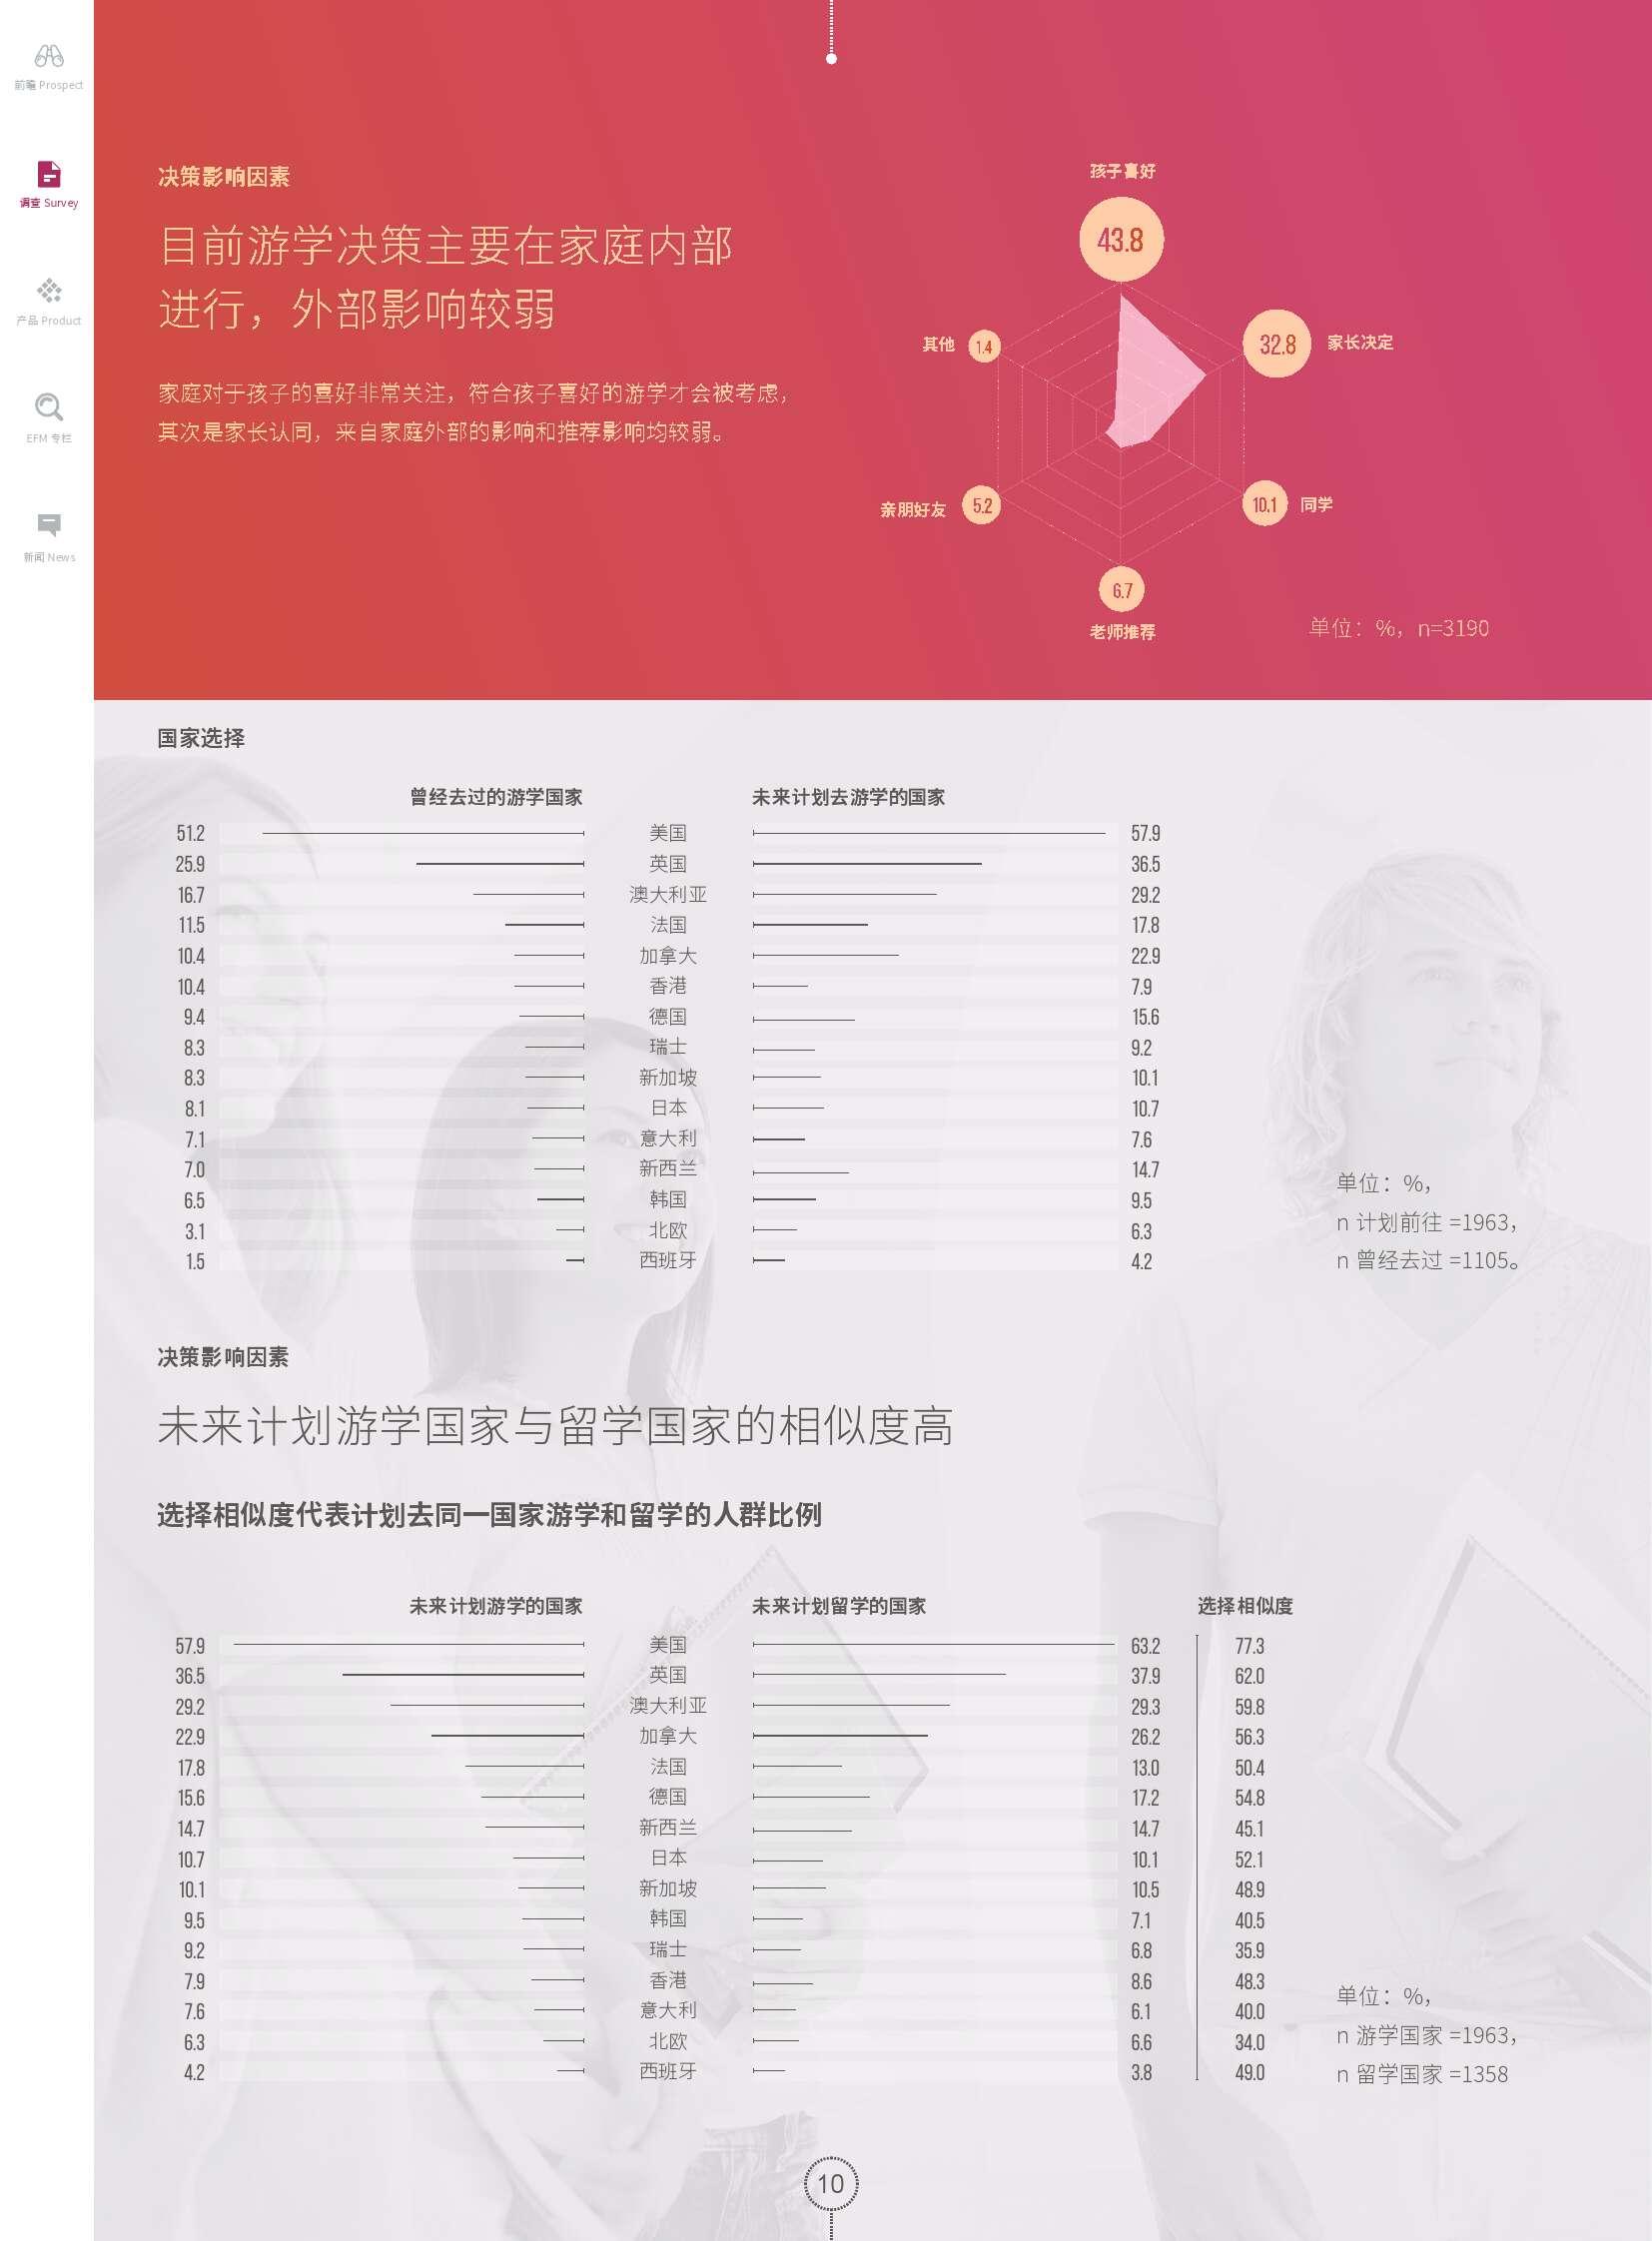 2016中国食品&饮料趋势及消费者洞察_000011